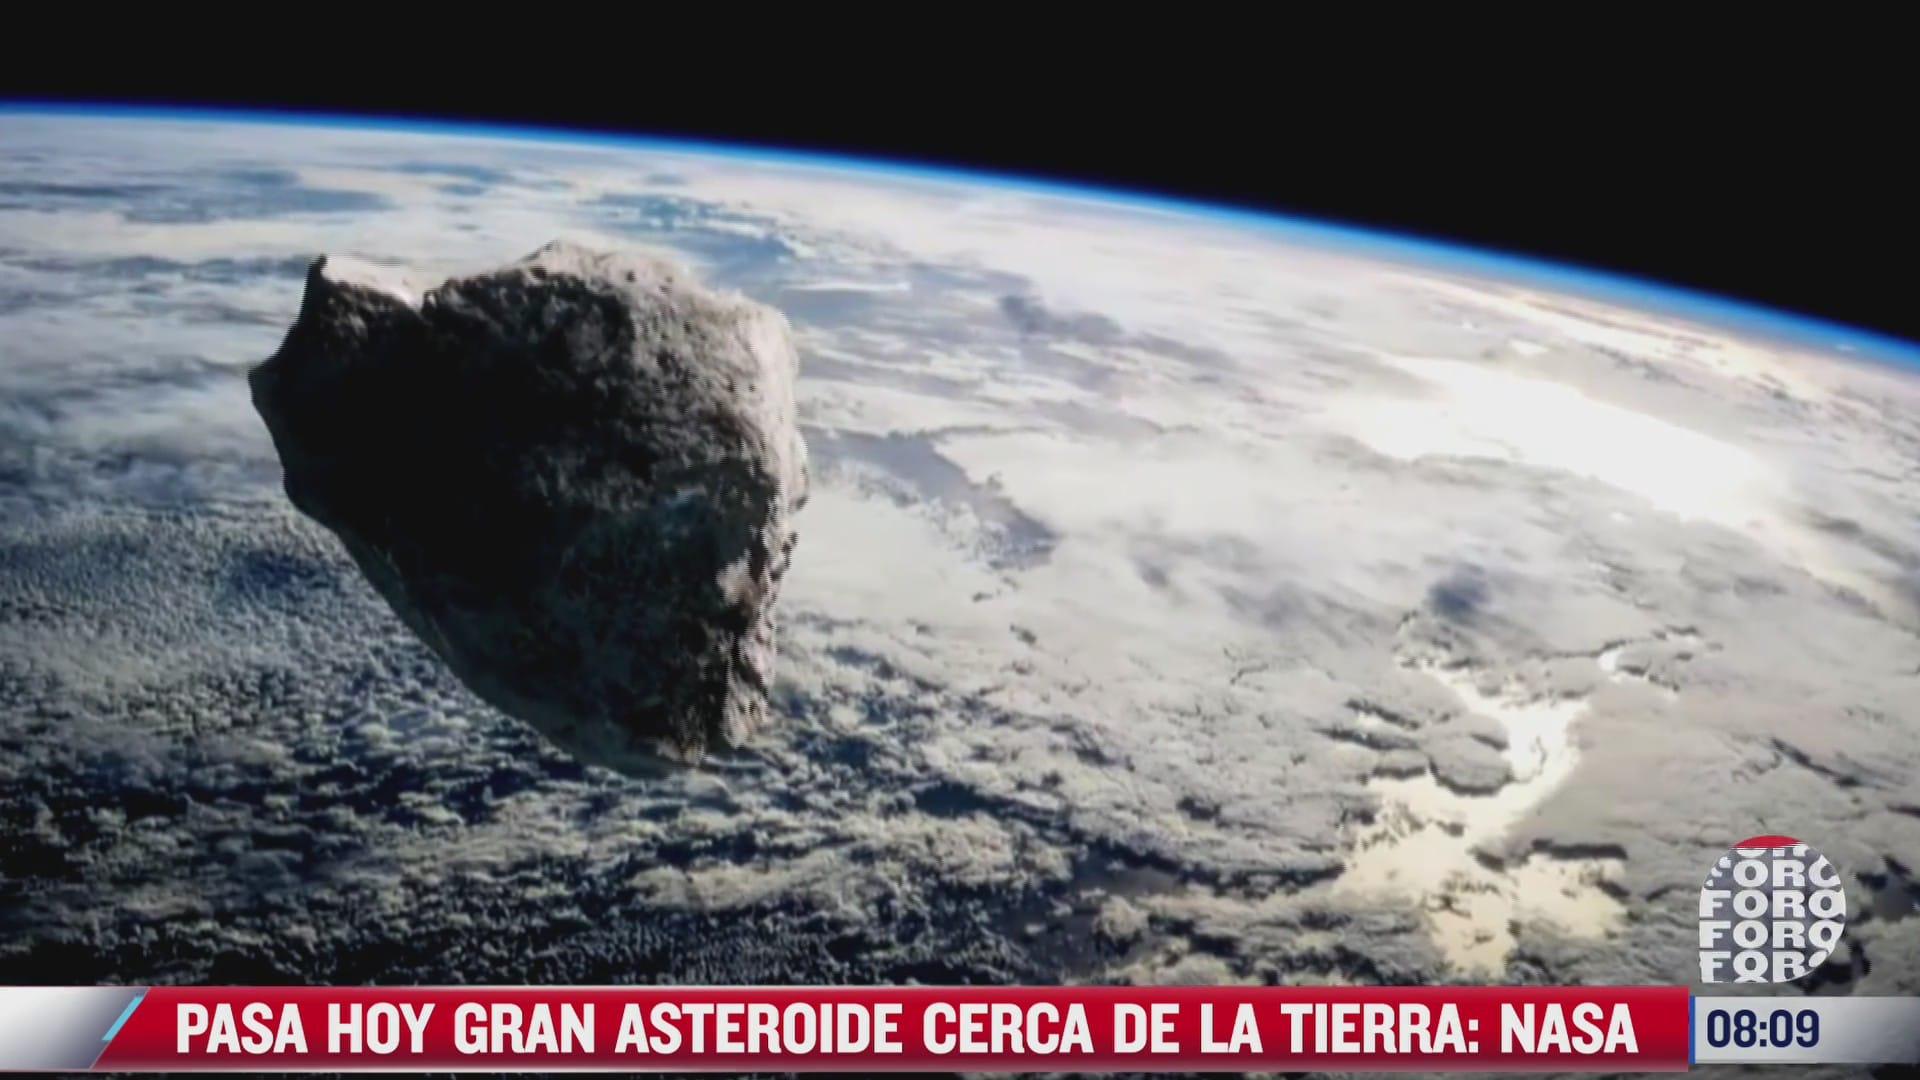 asteroide 2021 ny1 pasara cerca de la tierra